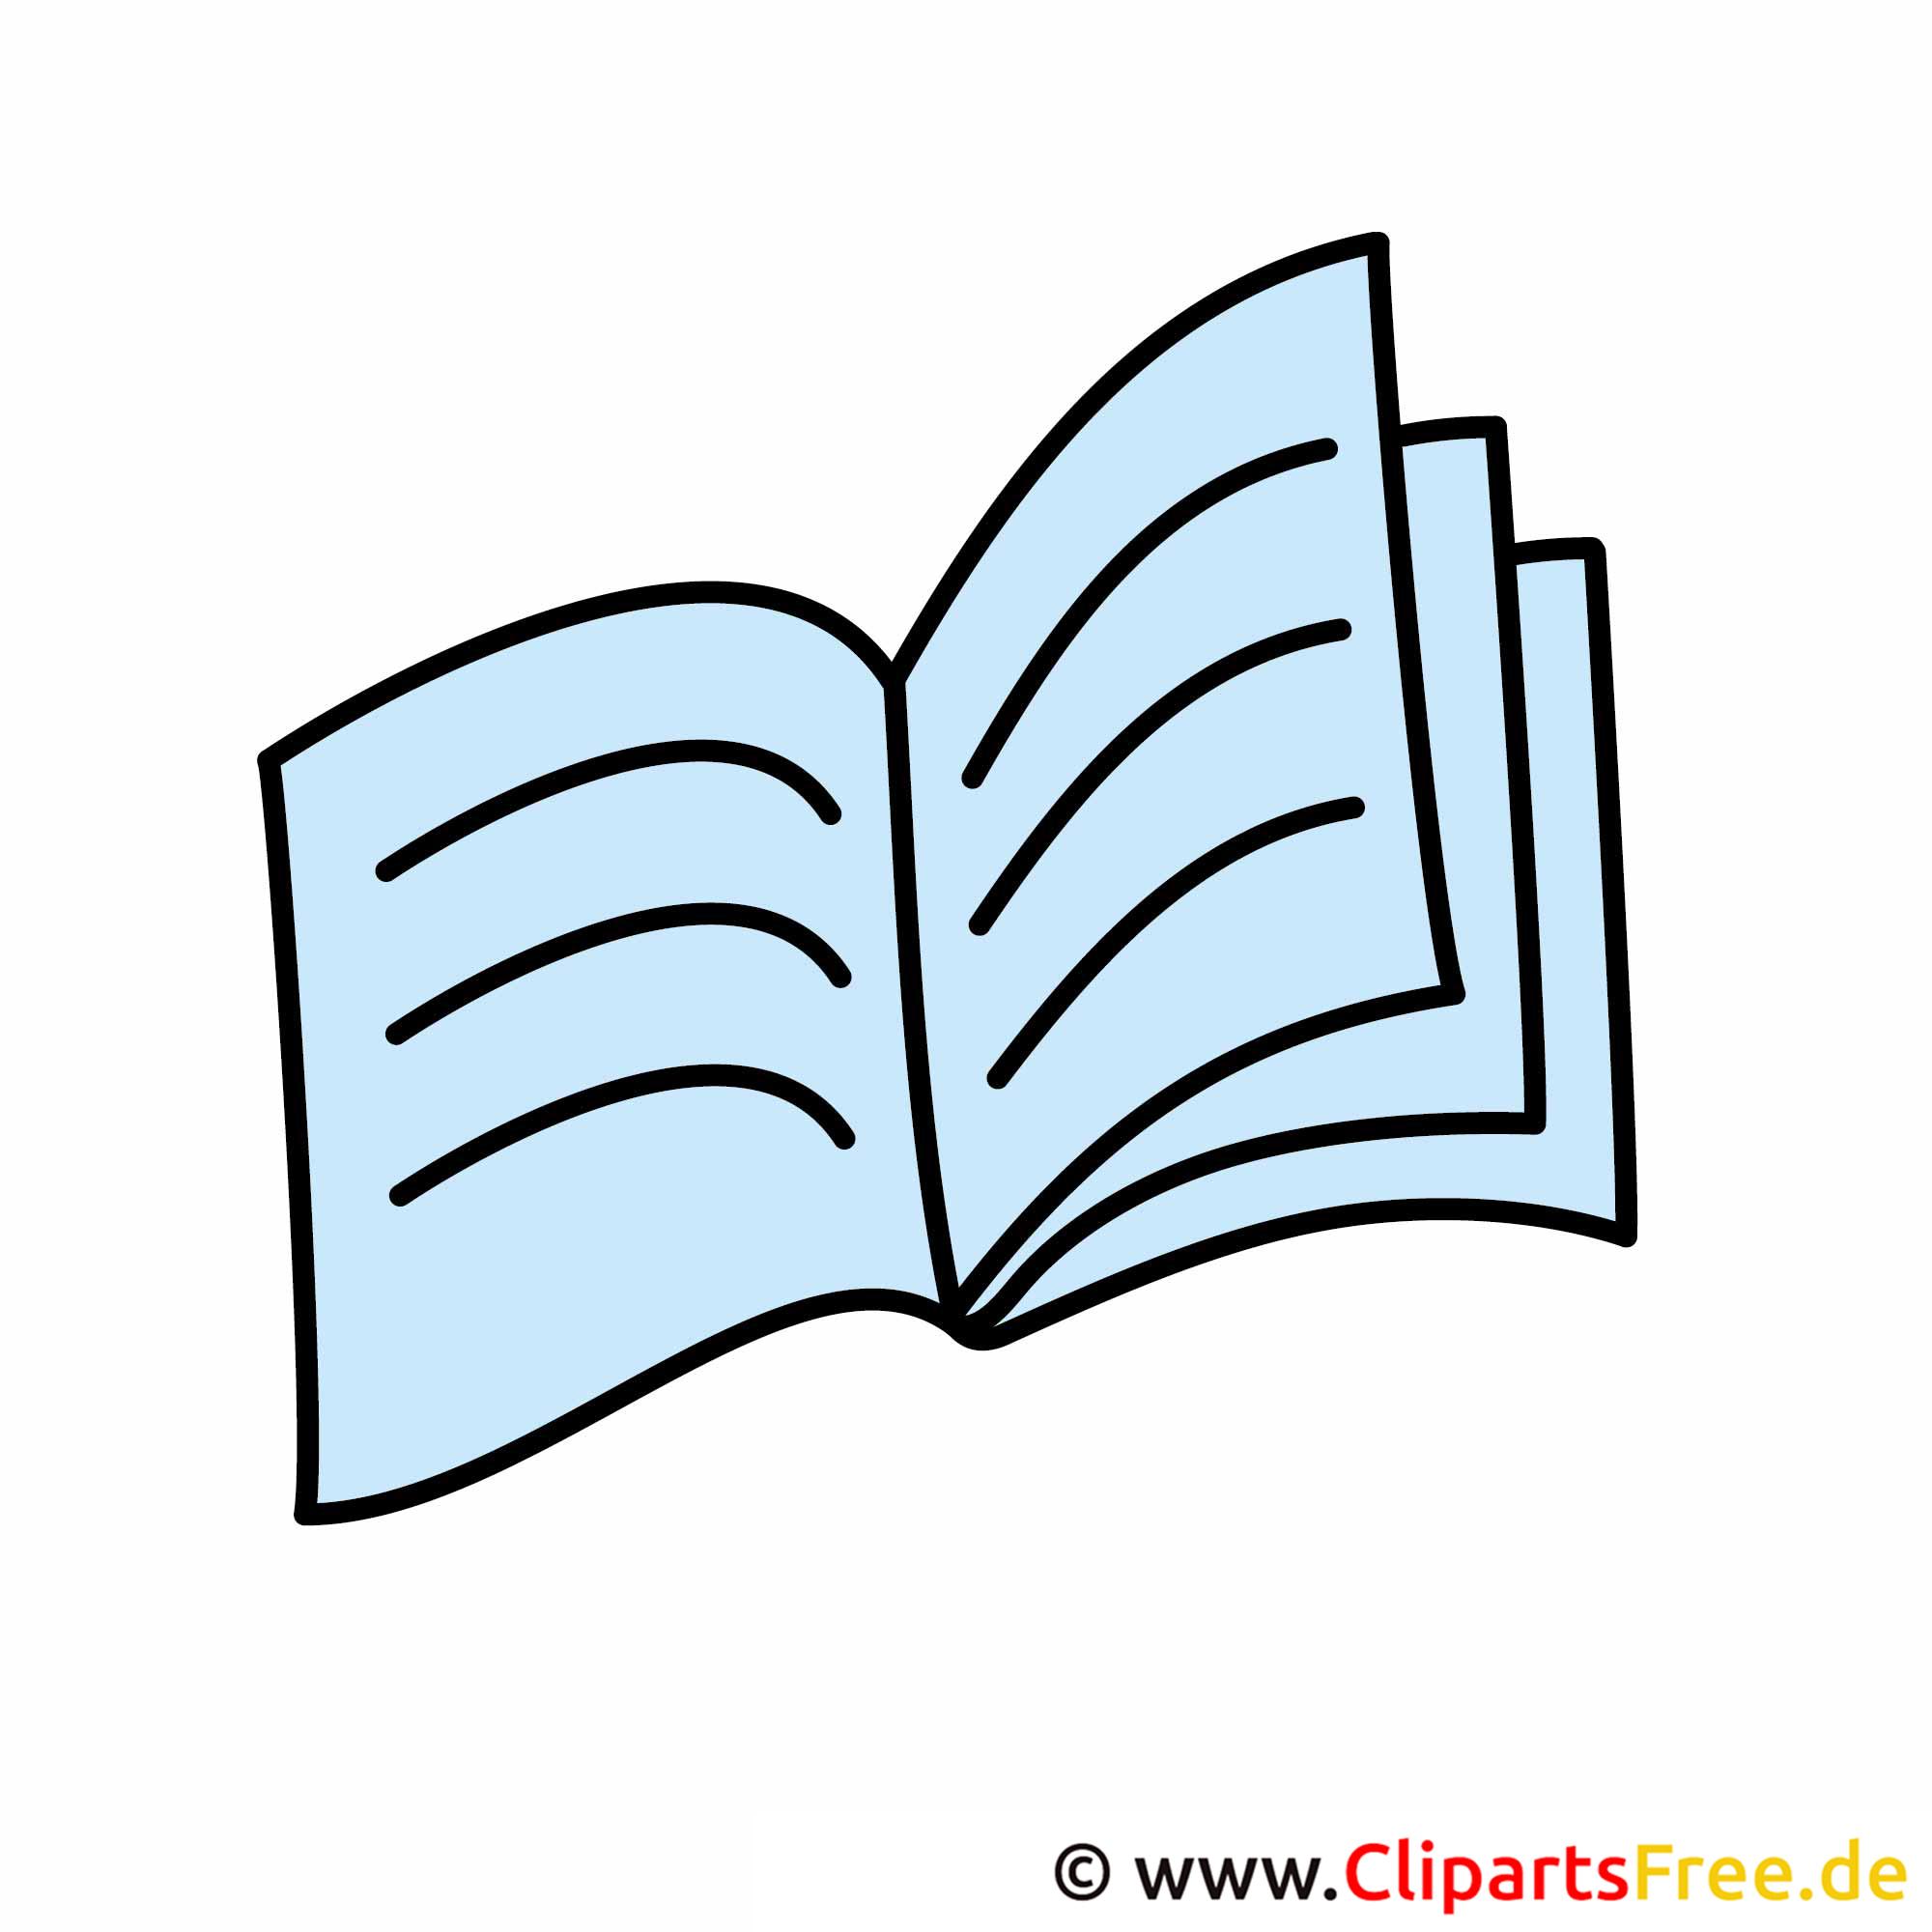 Aufgeschlagenes buch clipart  Buch Cliparts kostenlos